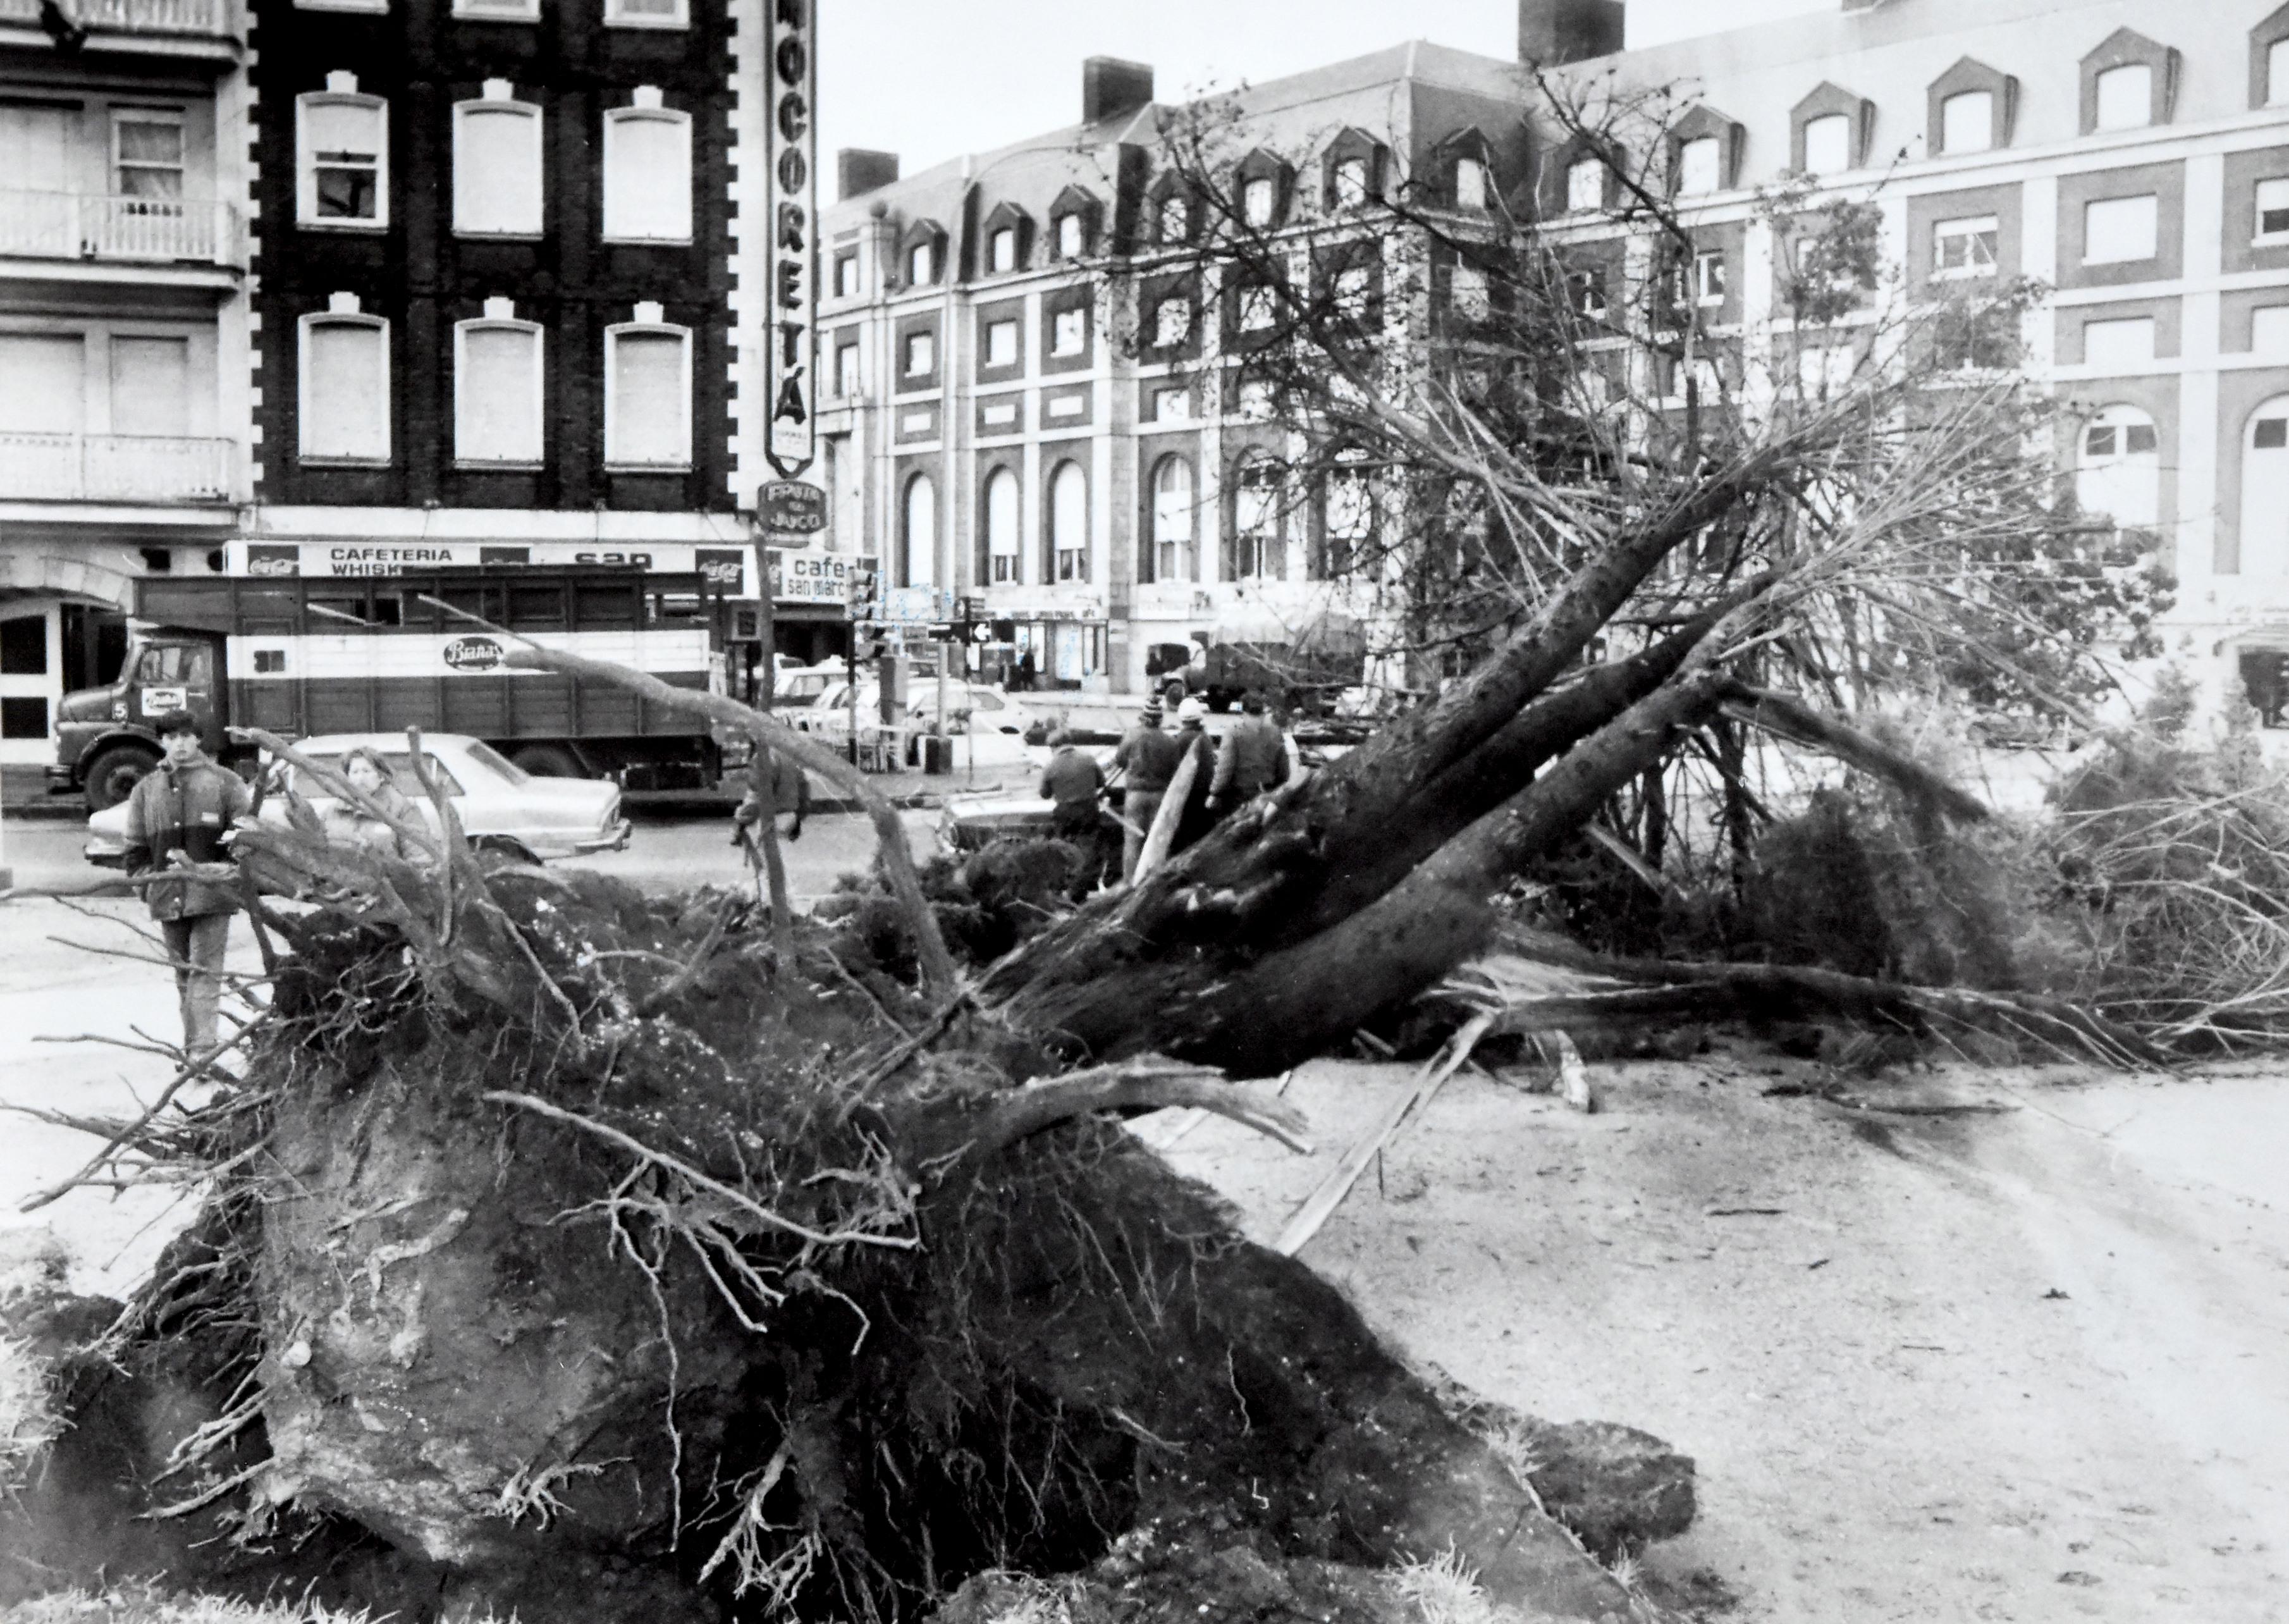 Un árbol caído en la plaza Colón.